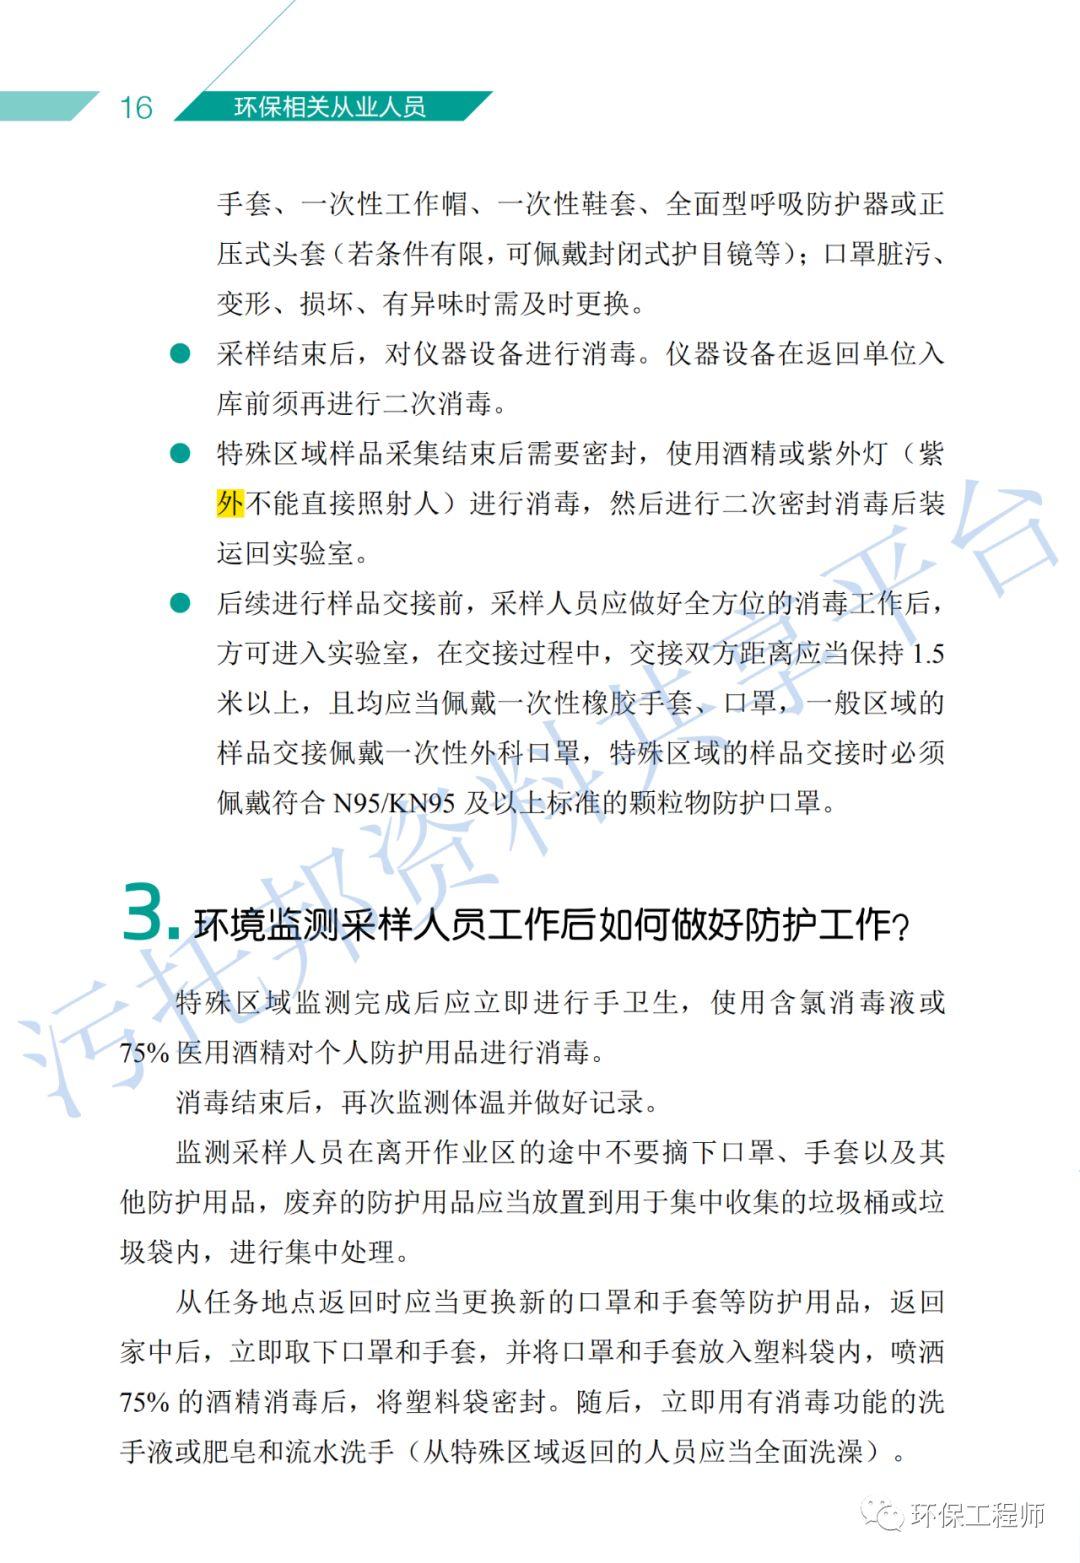 《环保从业人员新型冠状病毒疫情防护手册》_6